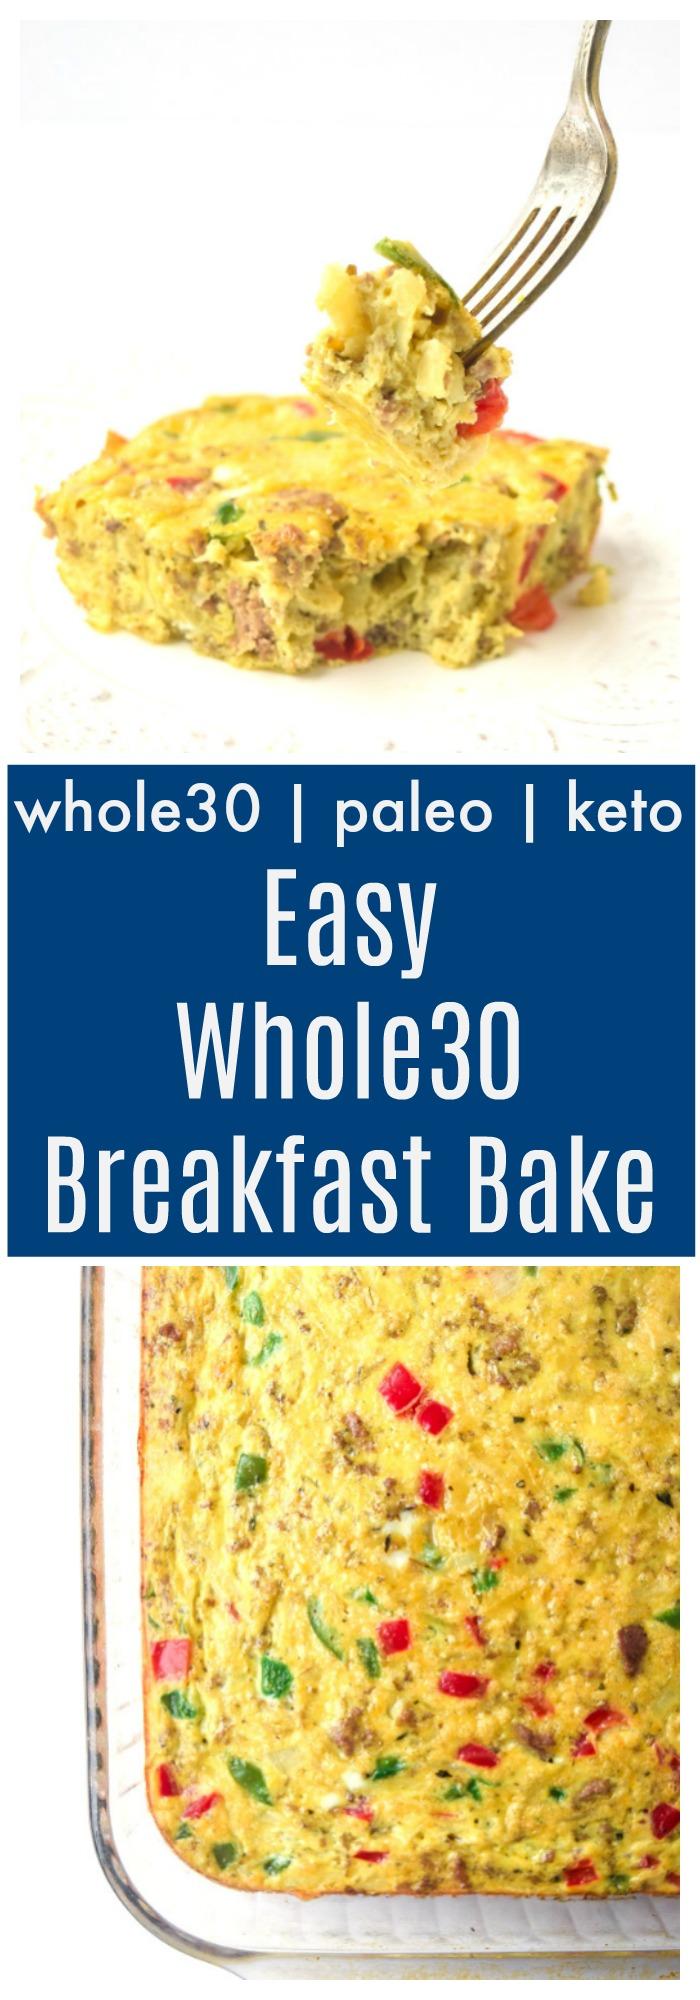 easy whole30 breakfast bake